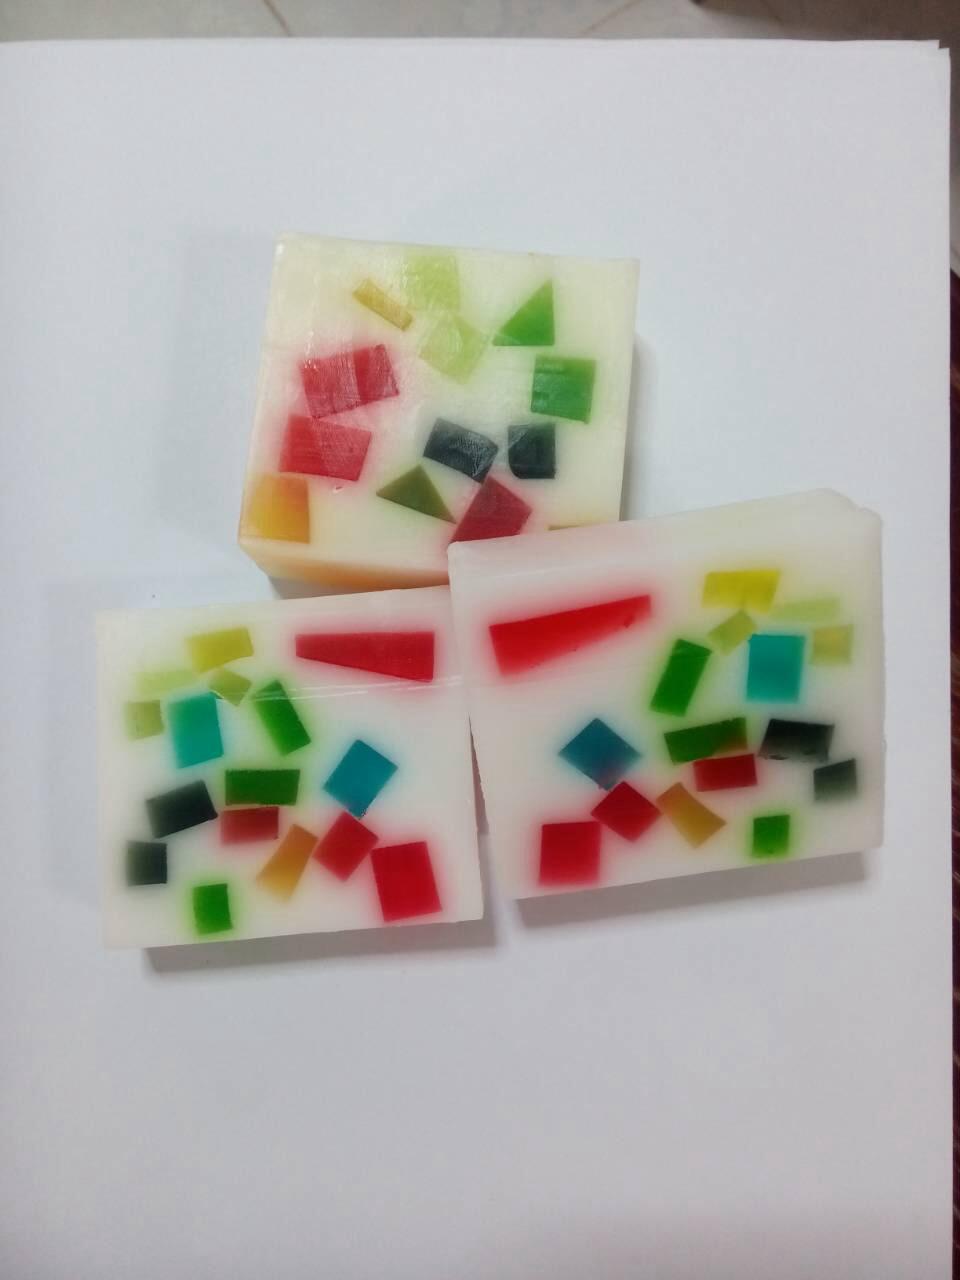 สบู่สี่เหลี่ยม กลิ่นผลไม้ เล่นลาย 100กรัม